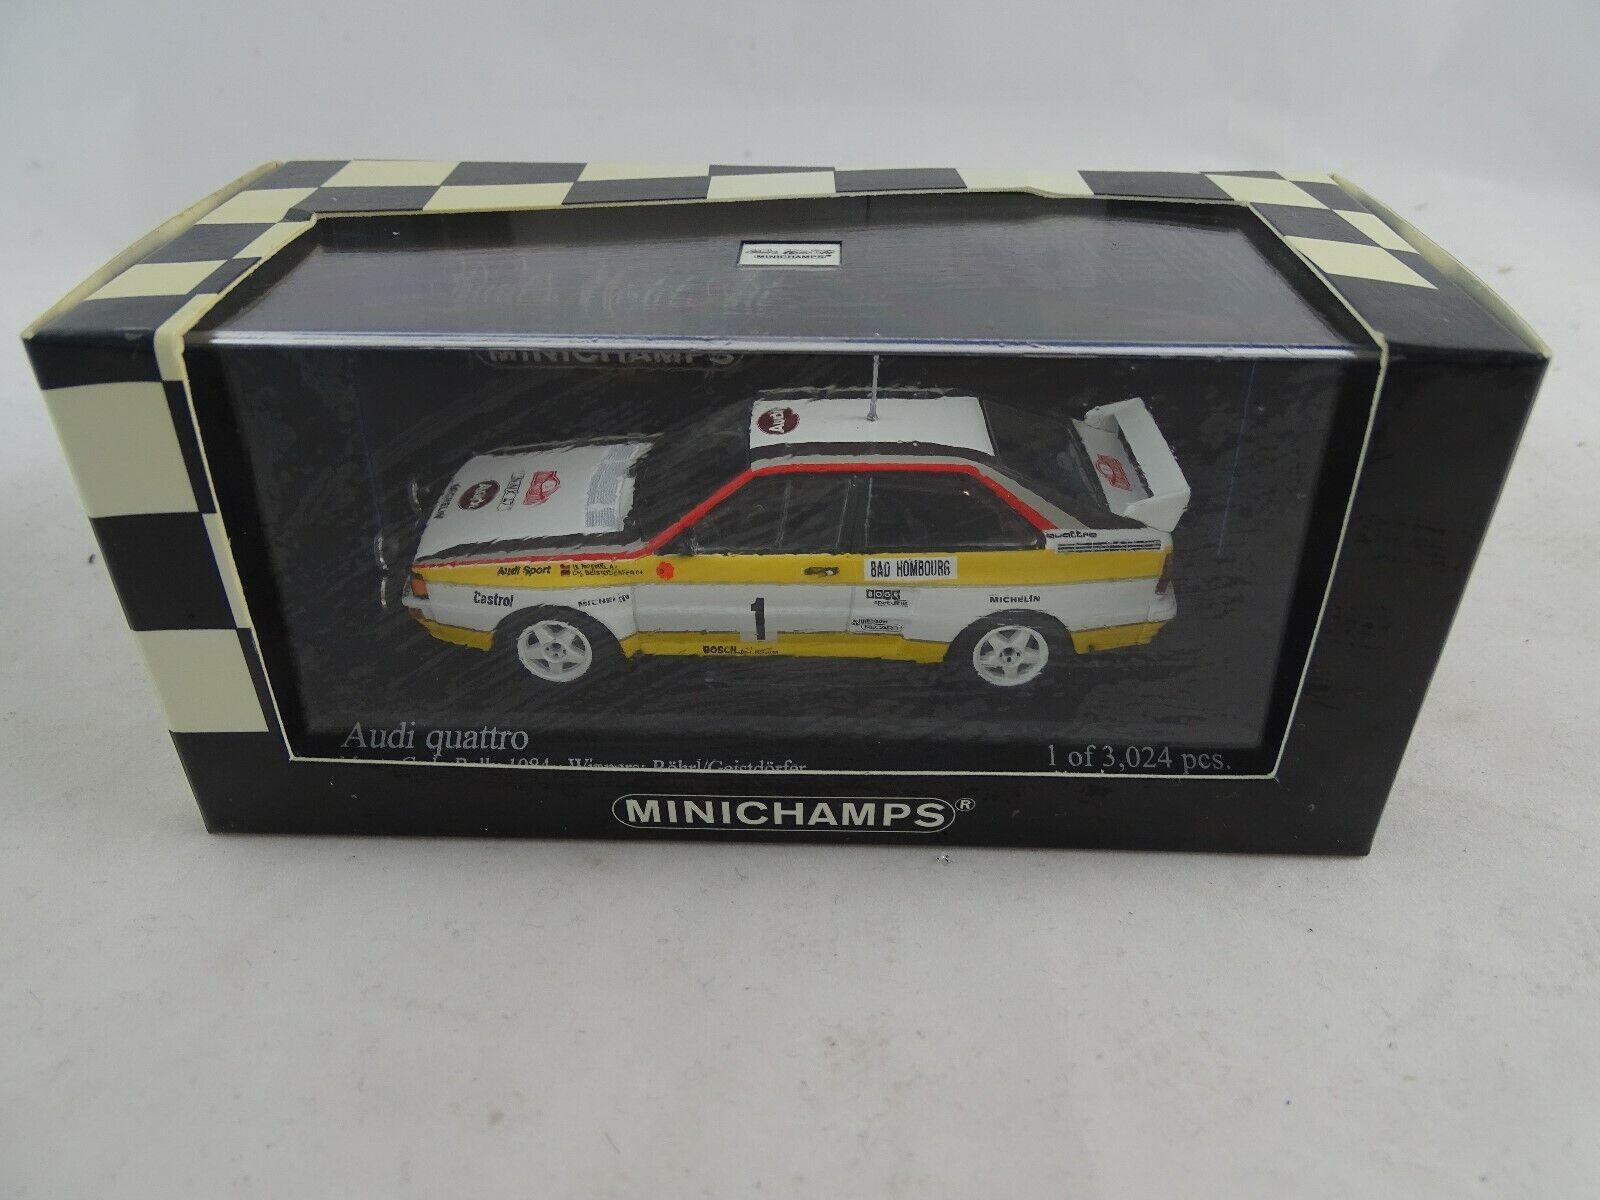 autorización 1 1 1 43 Minichamps  430841901 Audi Quattro Monte Cocheio Rally 1984 Ganadores  1  Tienda 2018